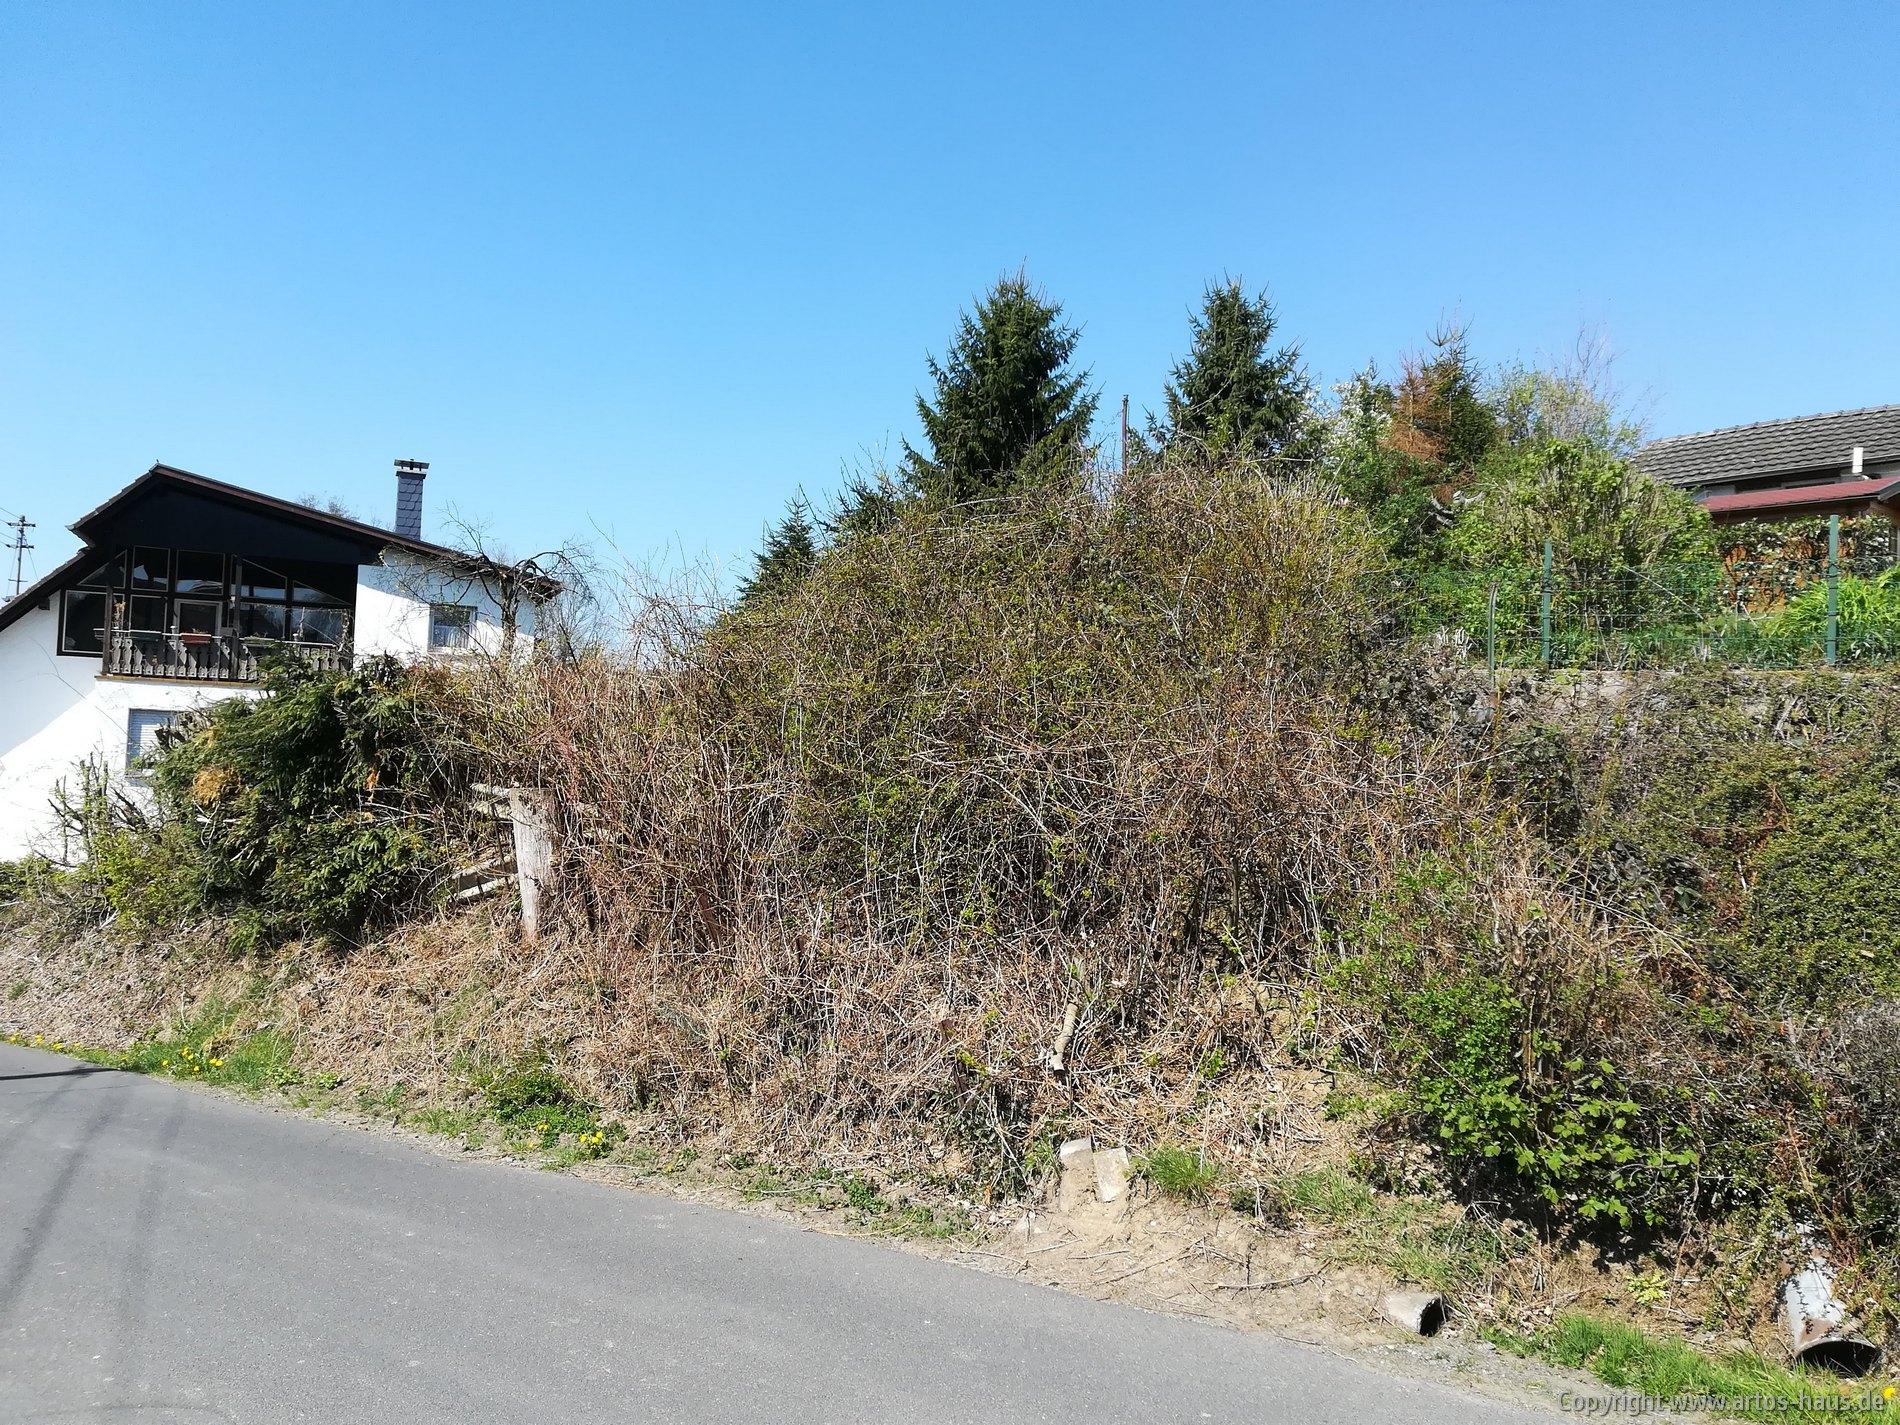 Grundstück vor dem Baubeginn